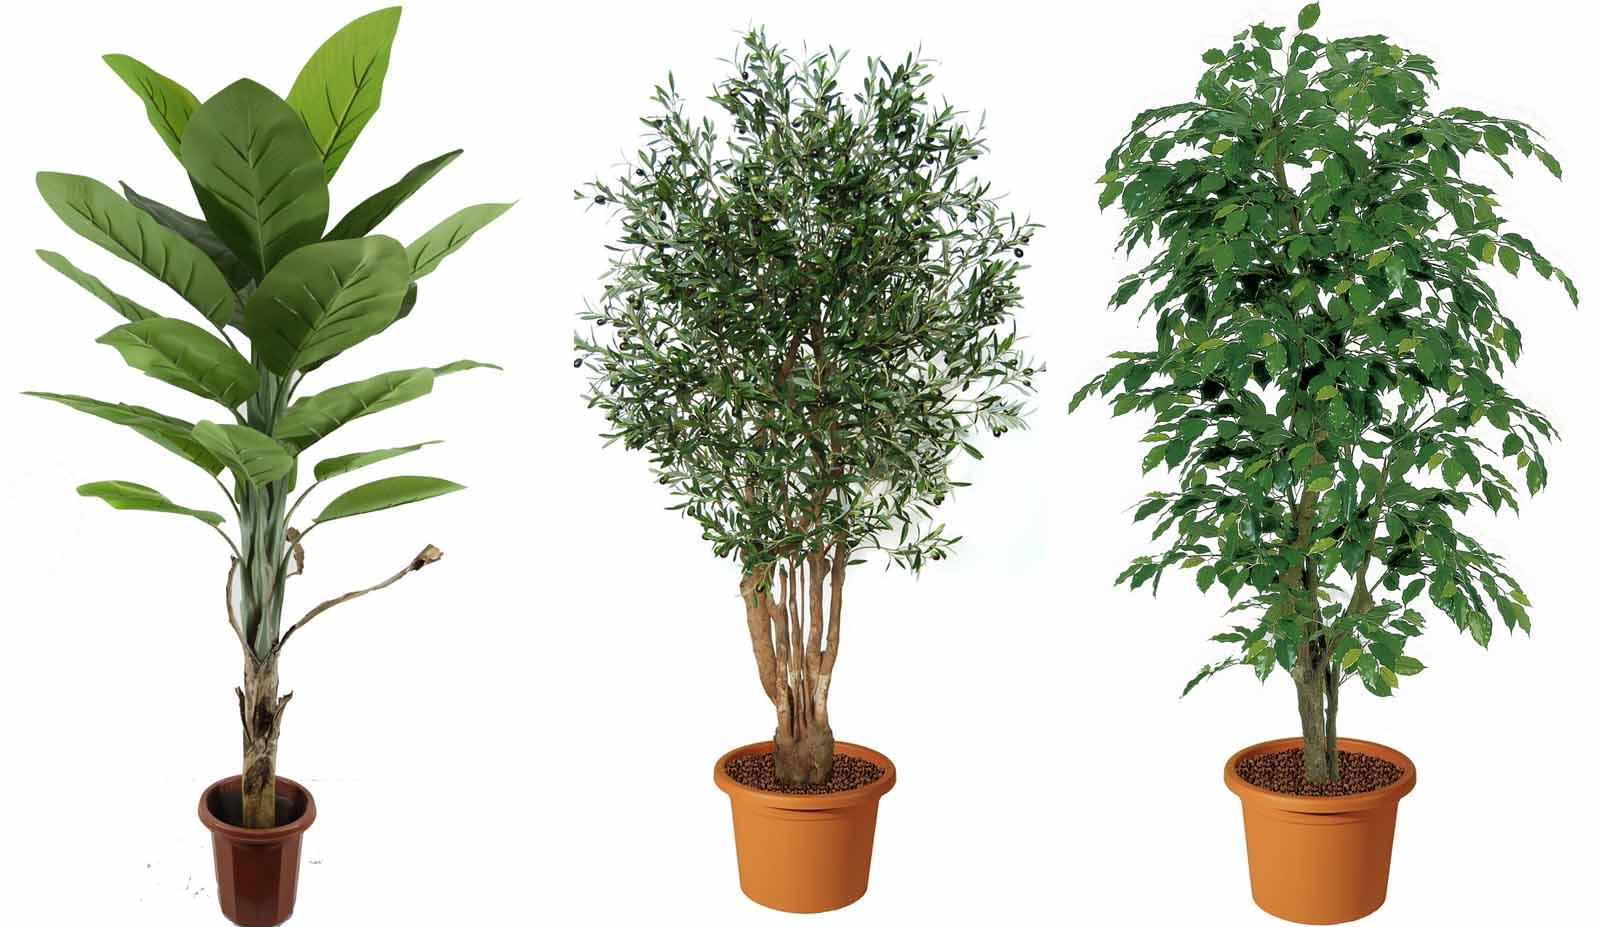 Piante artificiali guida a come usarle in giardino - Piante x giardino ...